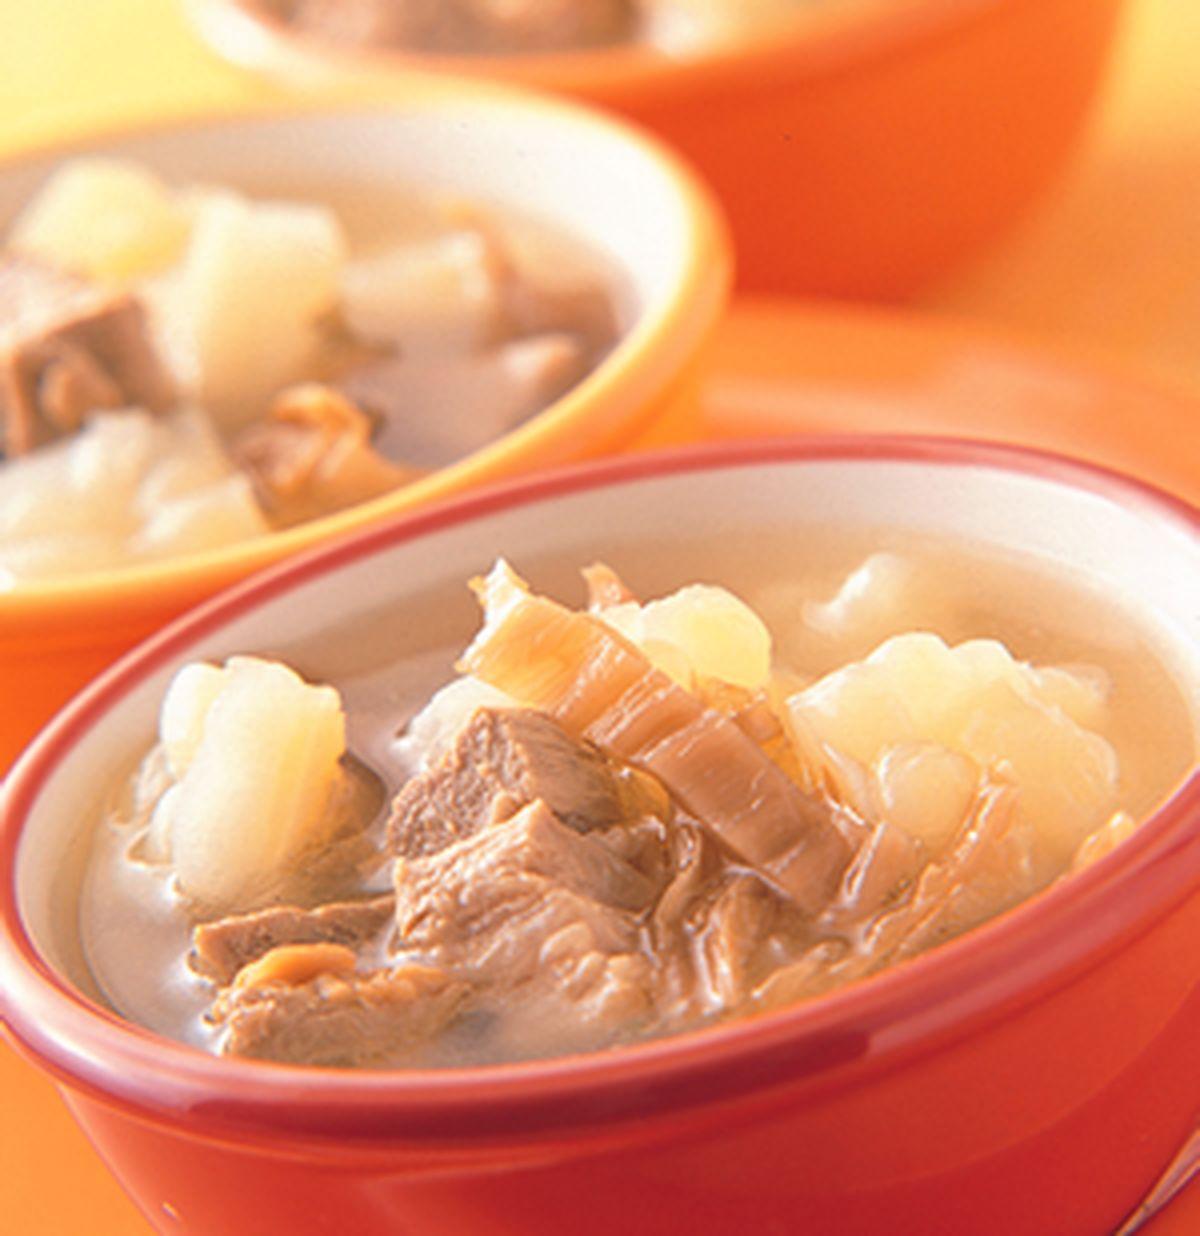 食譜:苦瓜福菜排骨湯